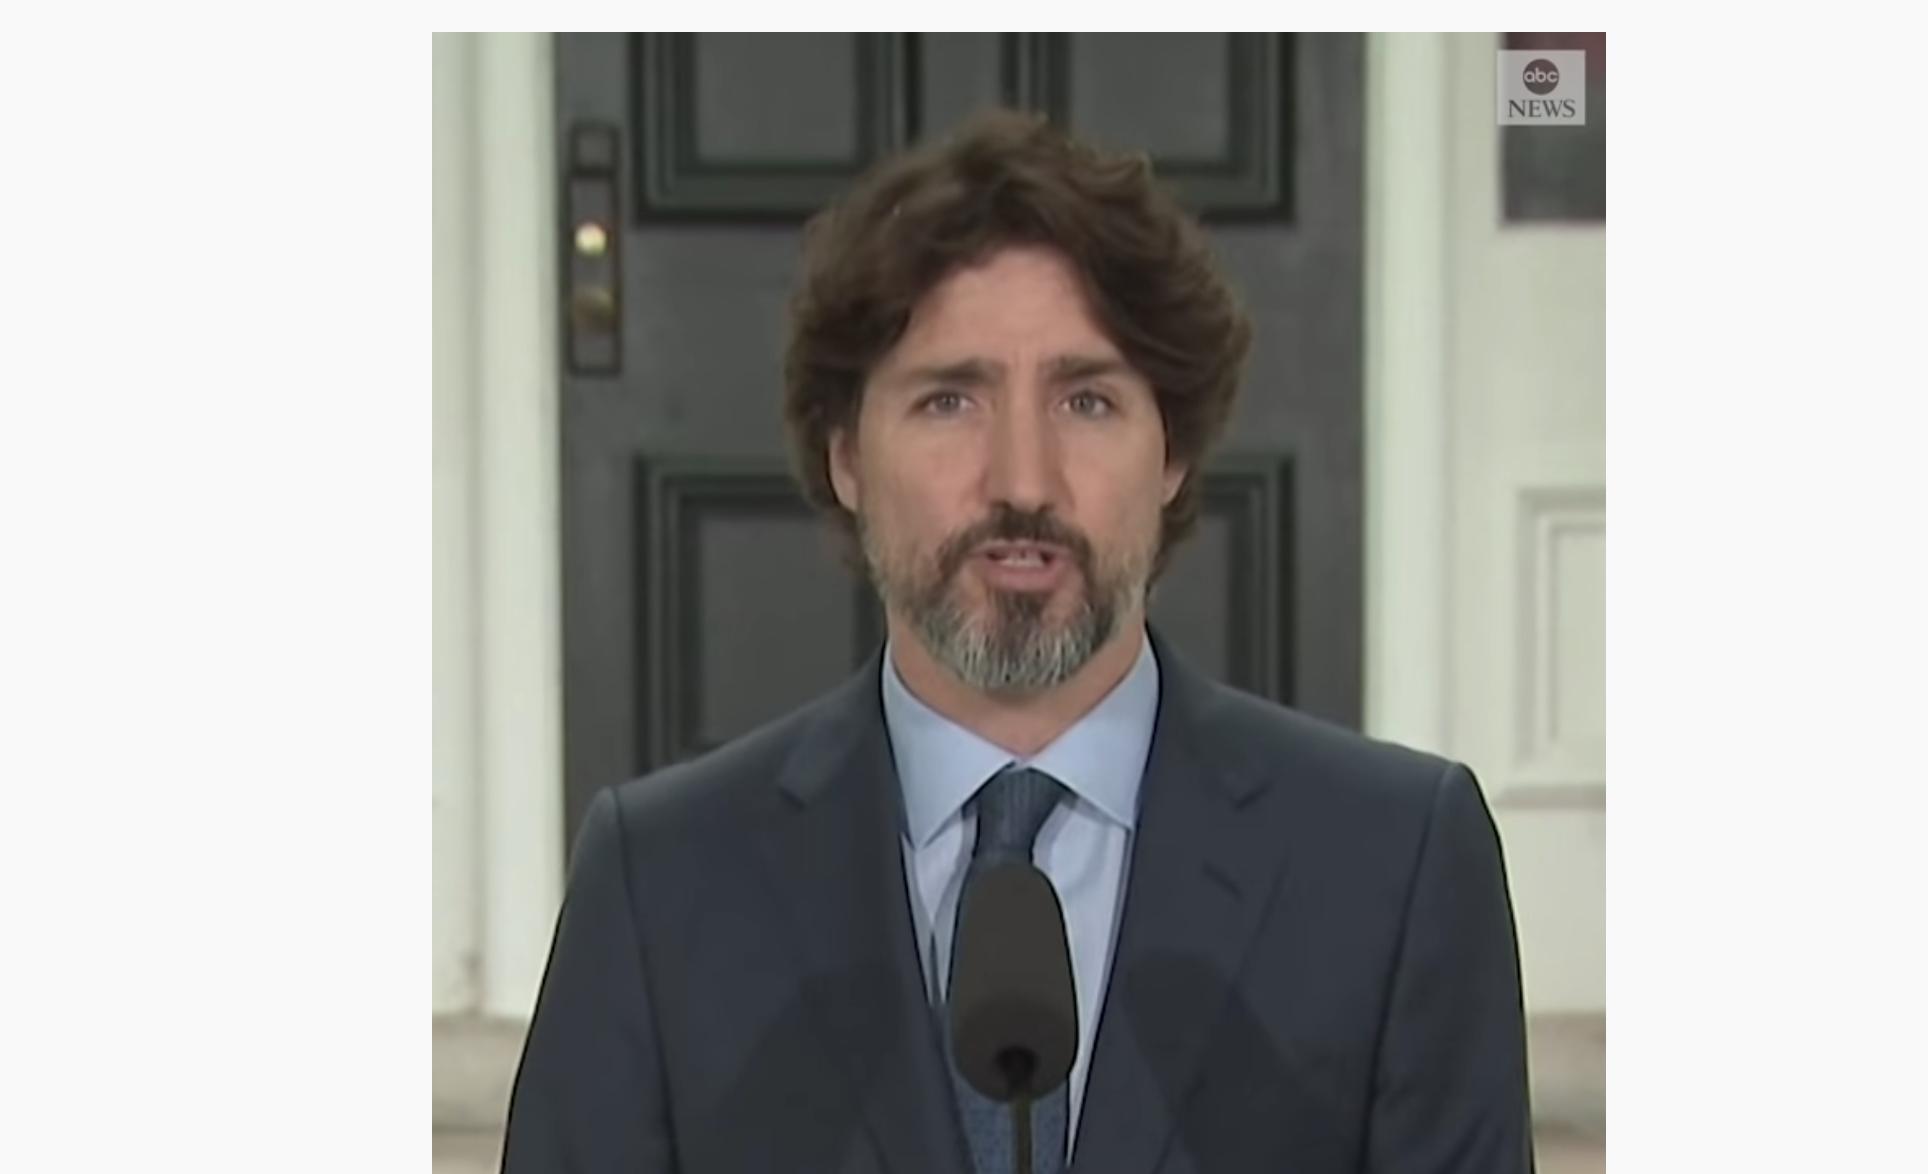 Megkérdezték Trudeau-tól, miért vonakodik nyilatkozni Trumpról, erre előadta minden idők vonakodását